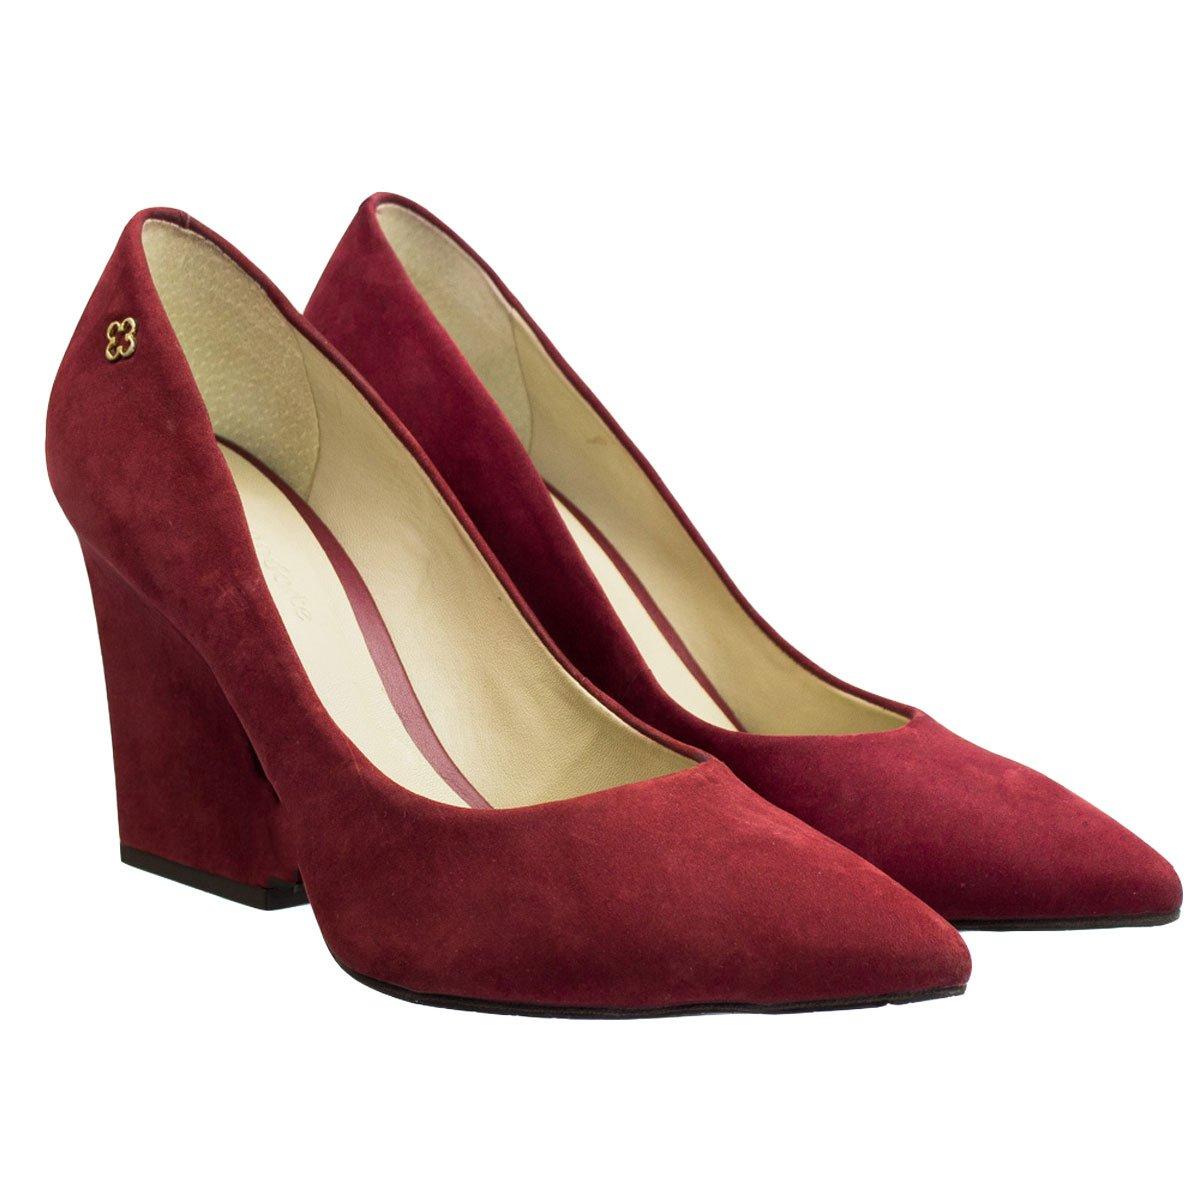 94fab31932 Bizz Store - Sapato Feminino Capodarte Nobuck Bico Fino